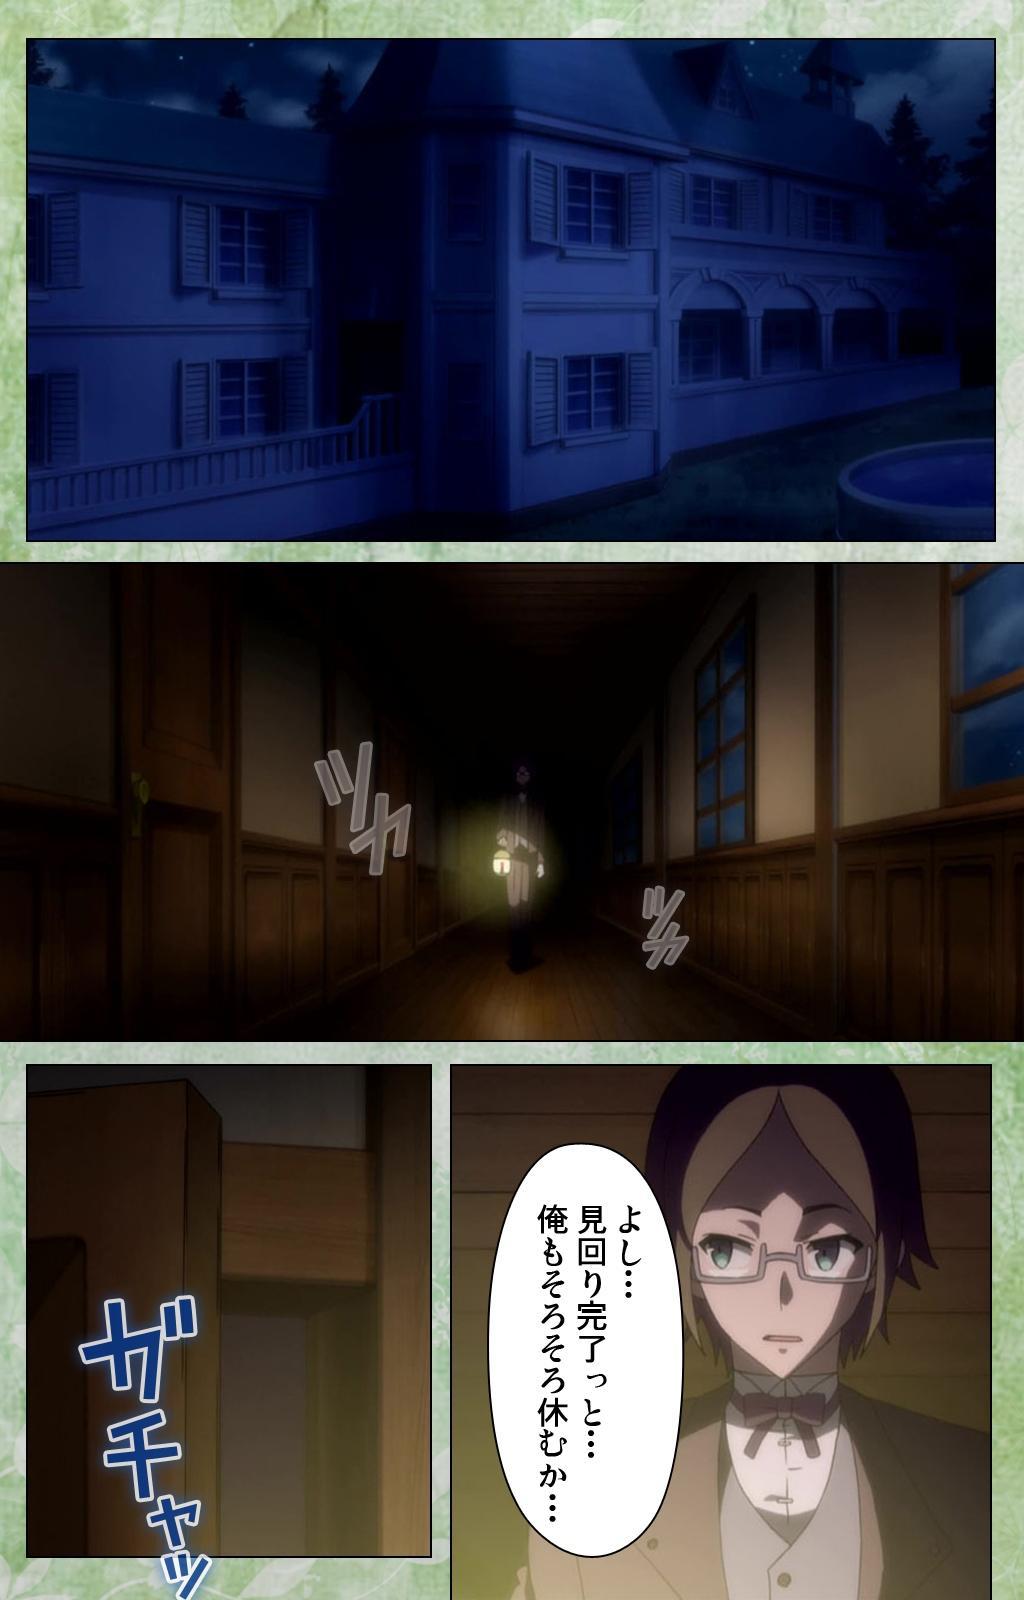 [Shiokonbu] Koimaguwai ~Ikoku na Retoro~ Complete Ban [Digital] 8